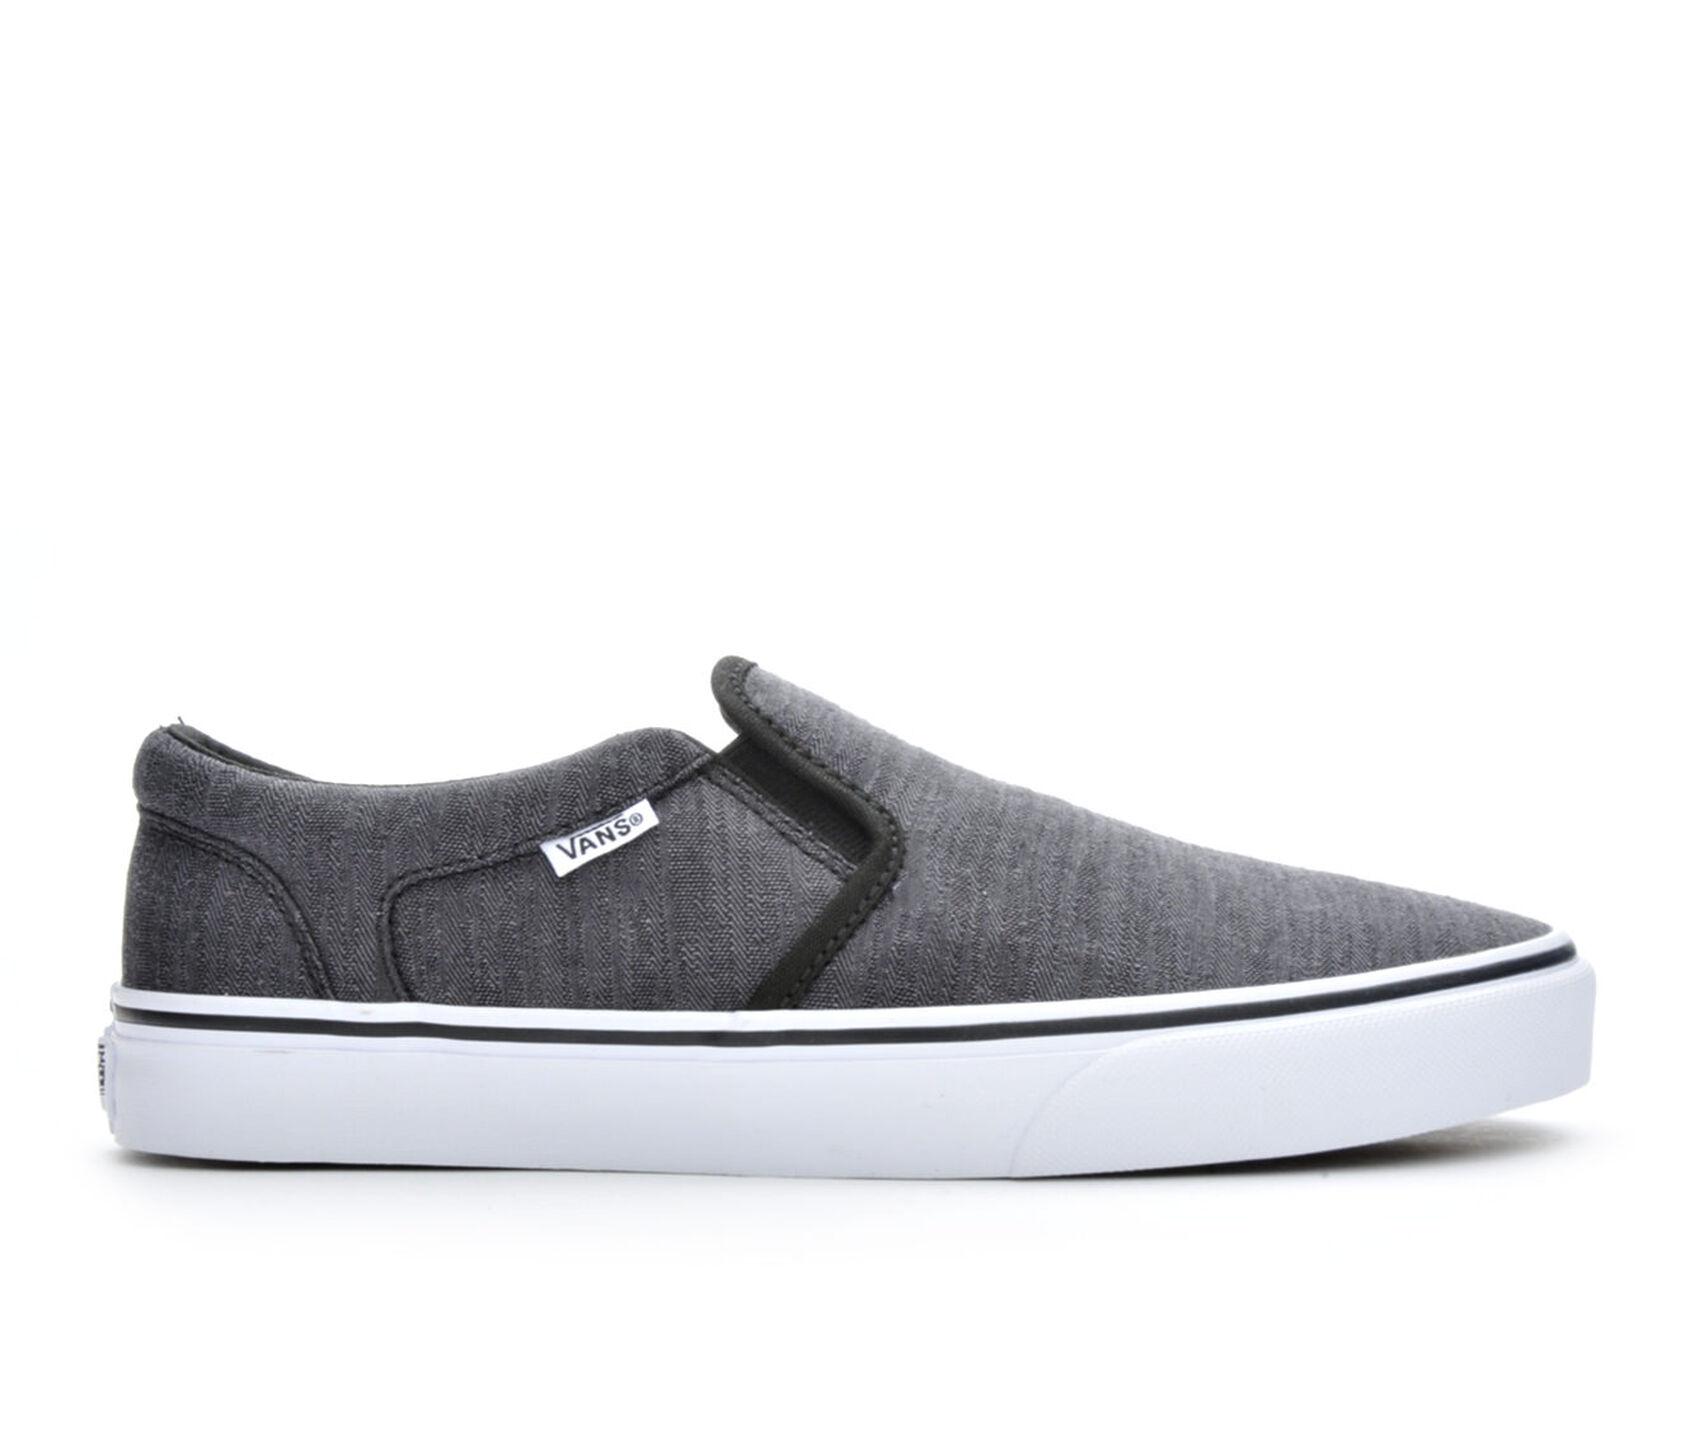 bcc717f14bb27c Men s Vans Asher Premium Slip-On Skate Shoes